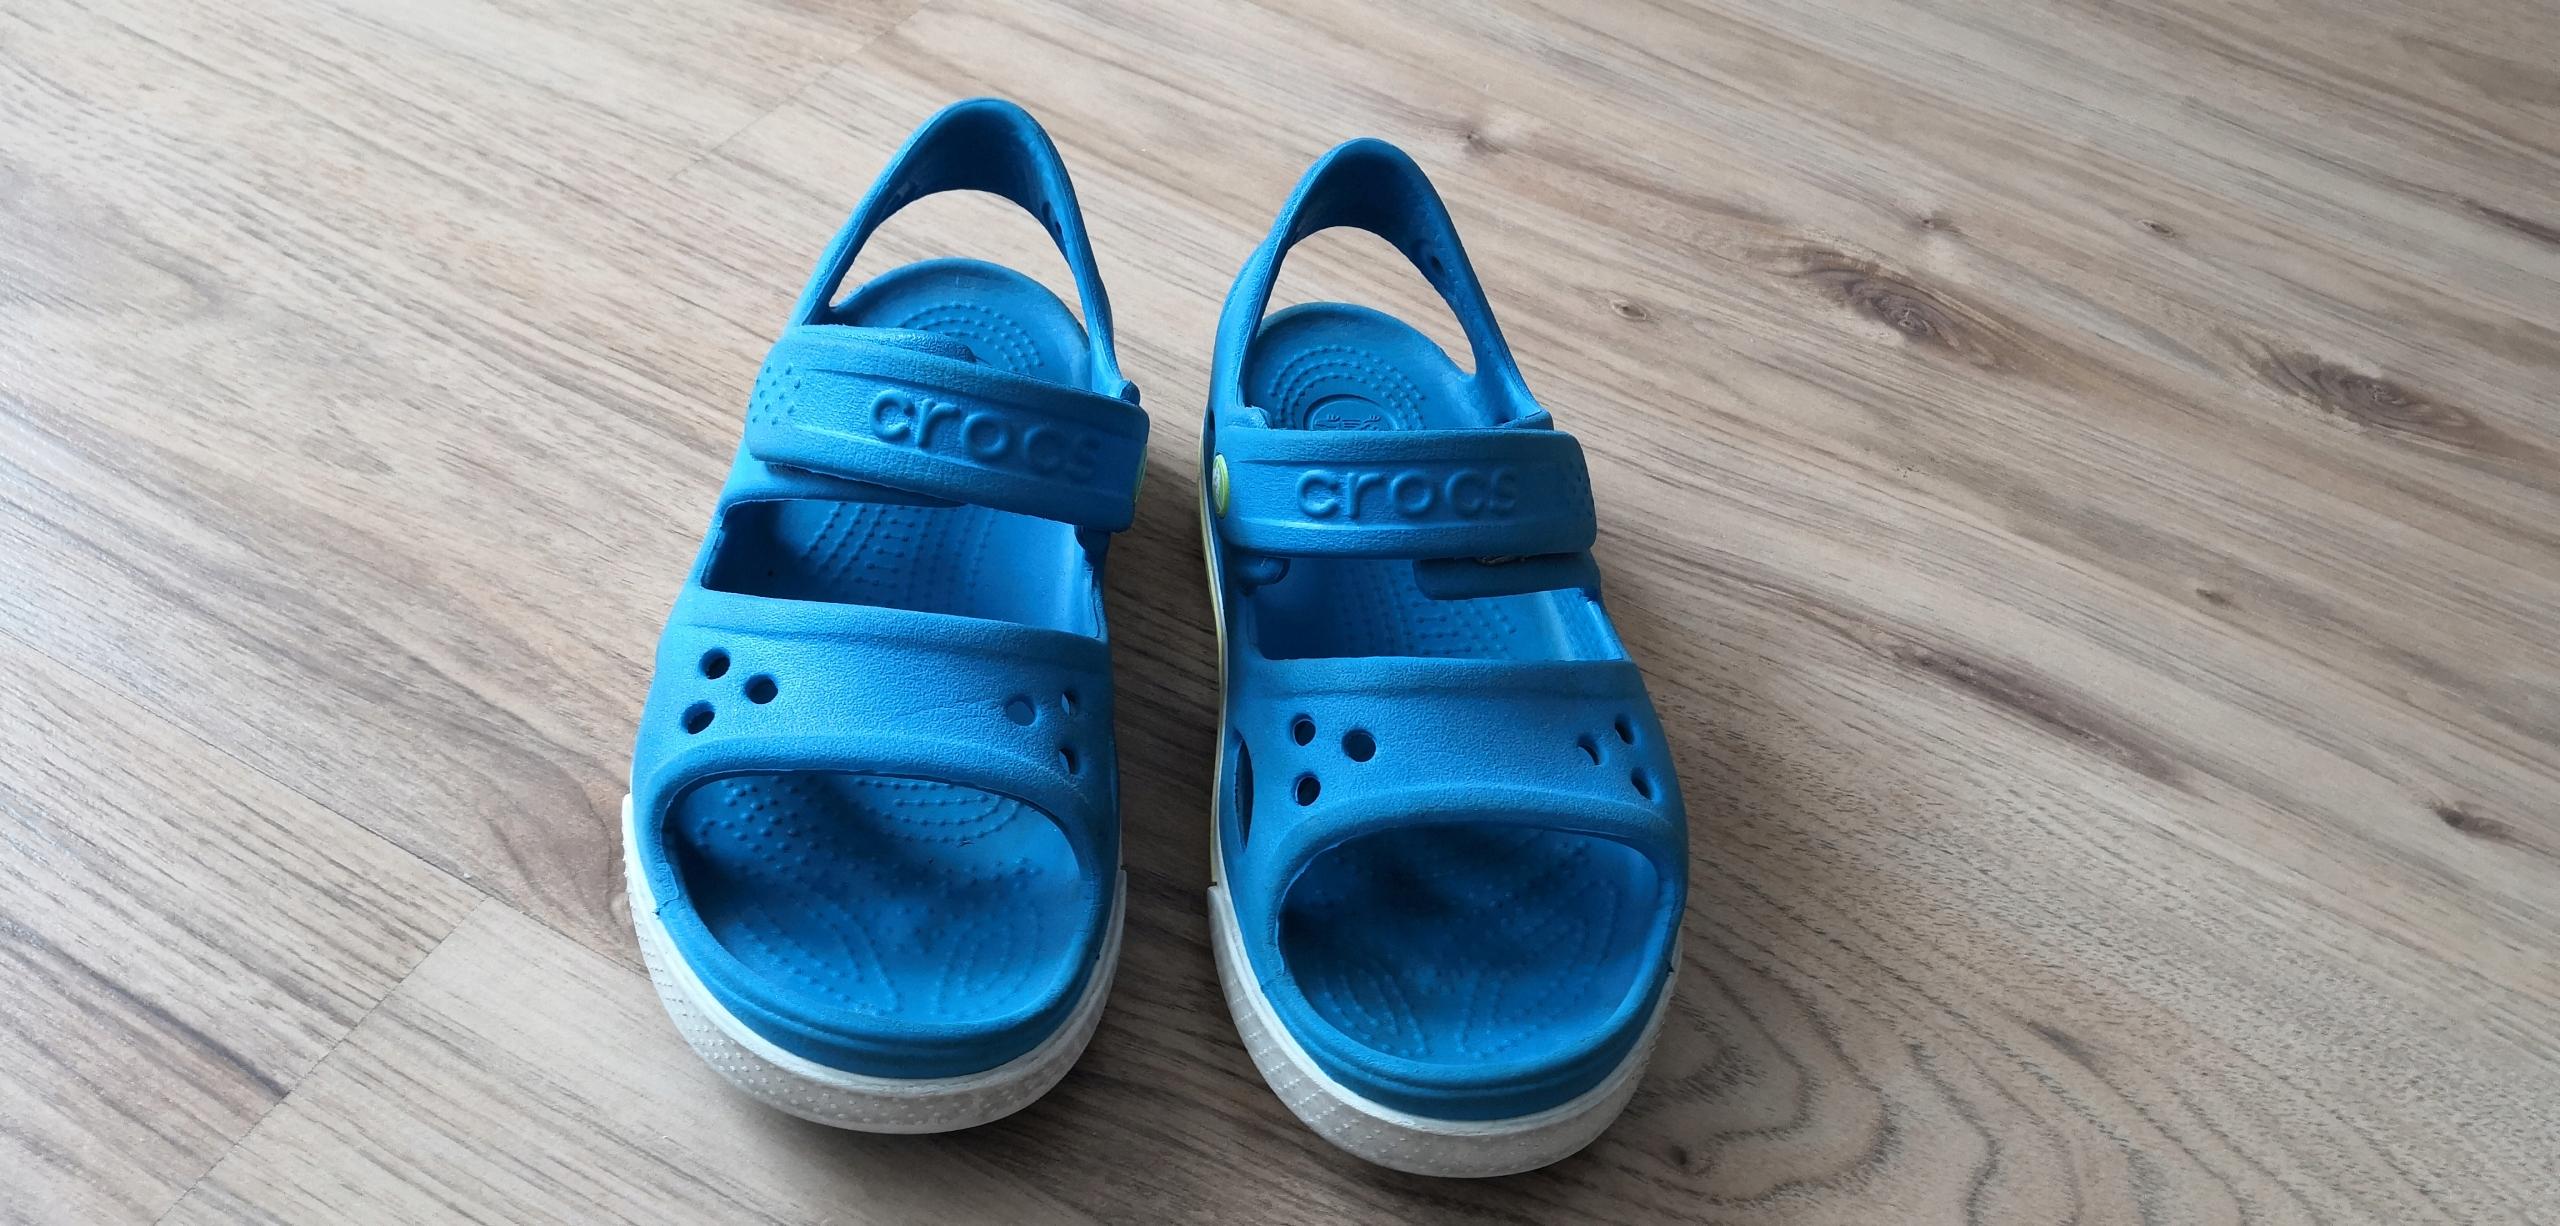 Sandały Crocs, rozm. 32